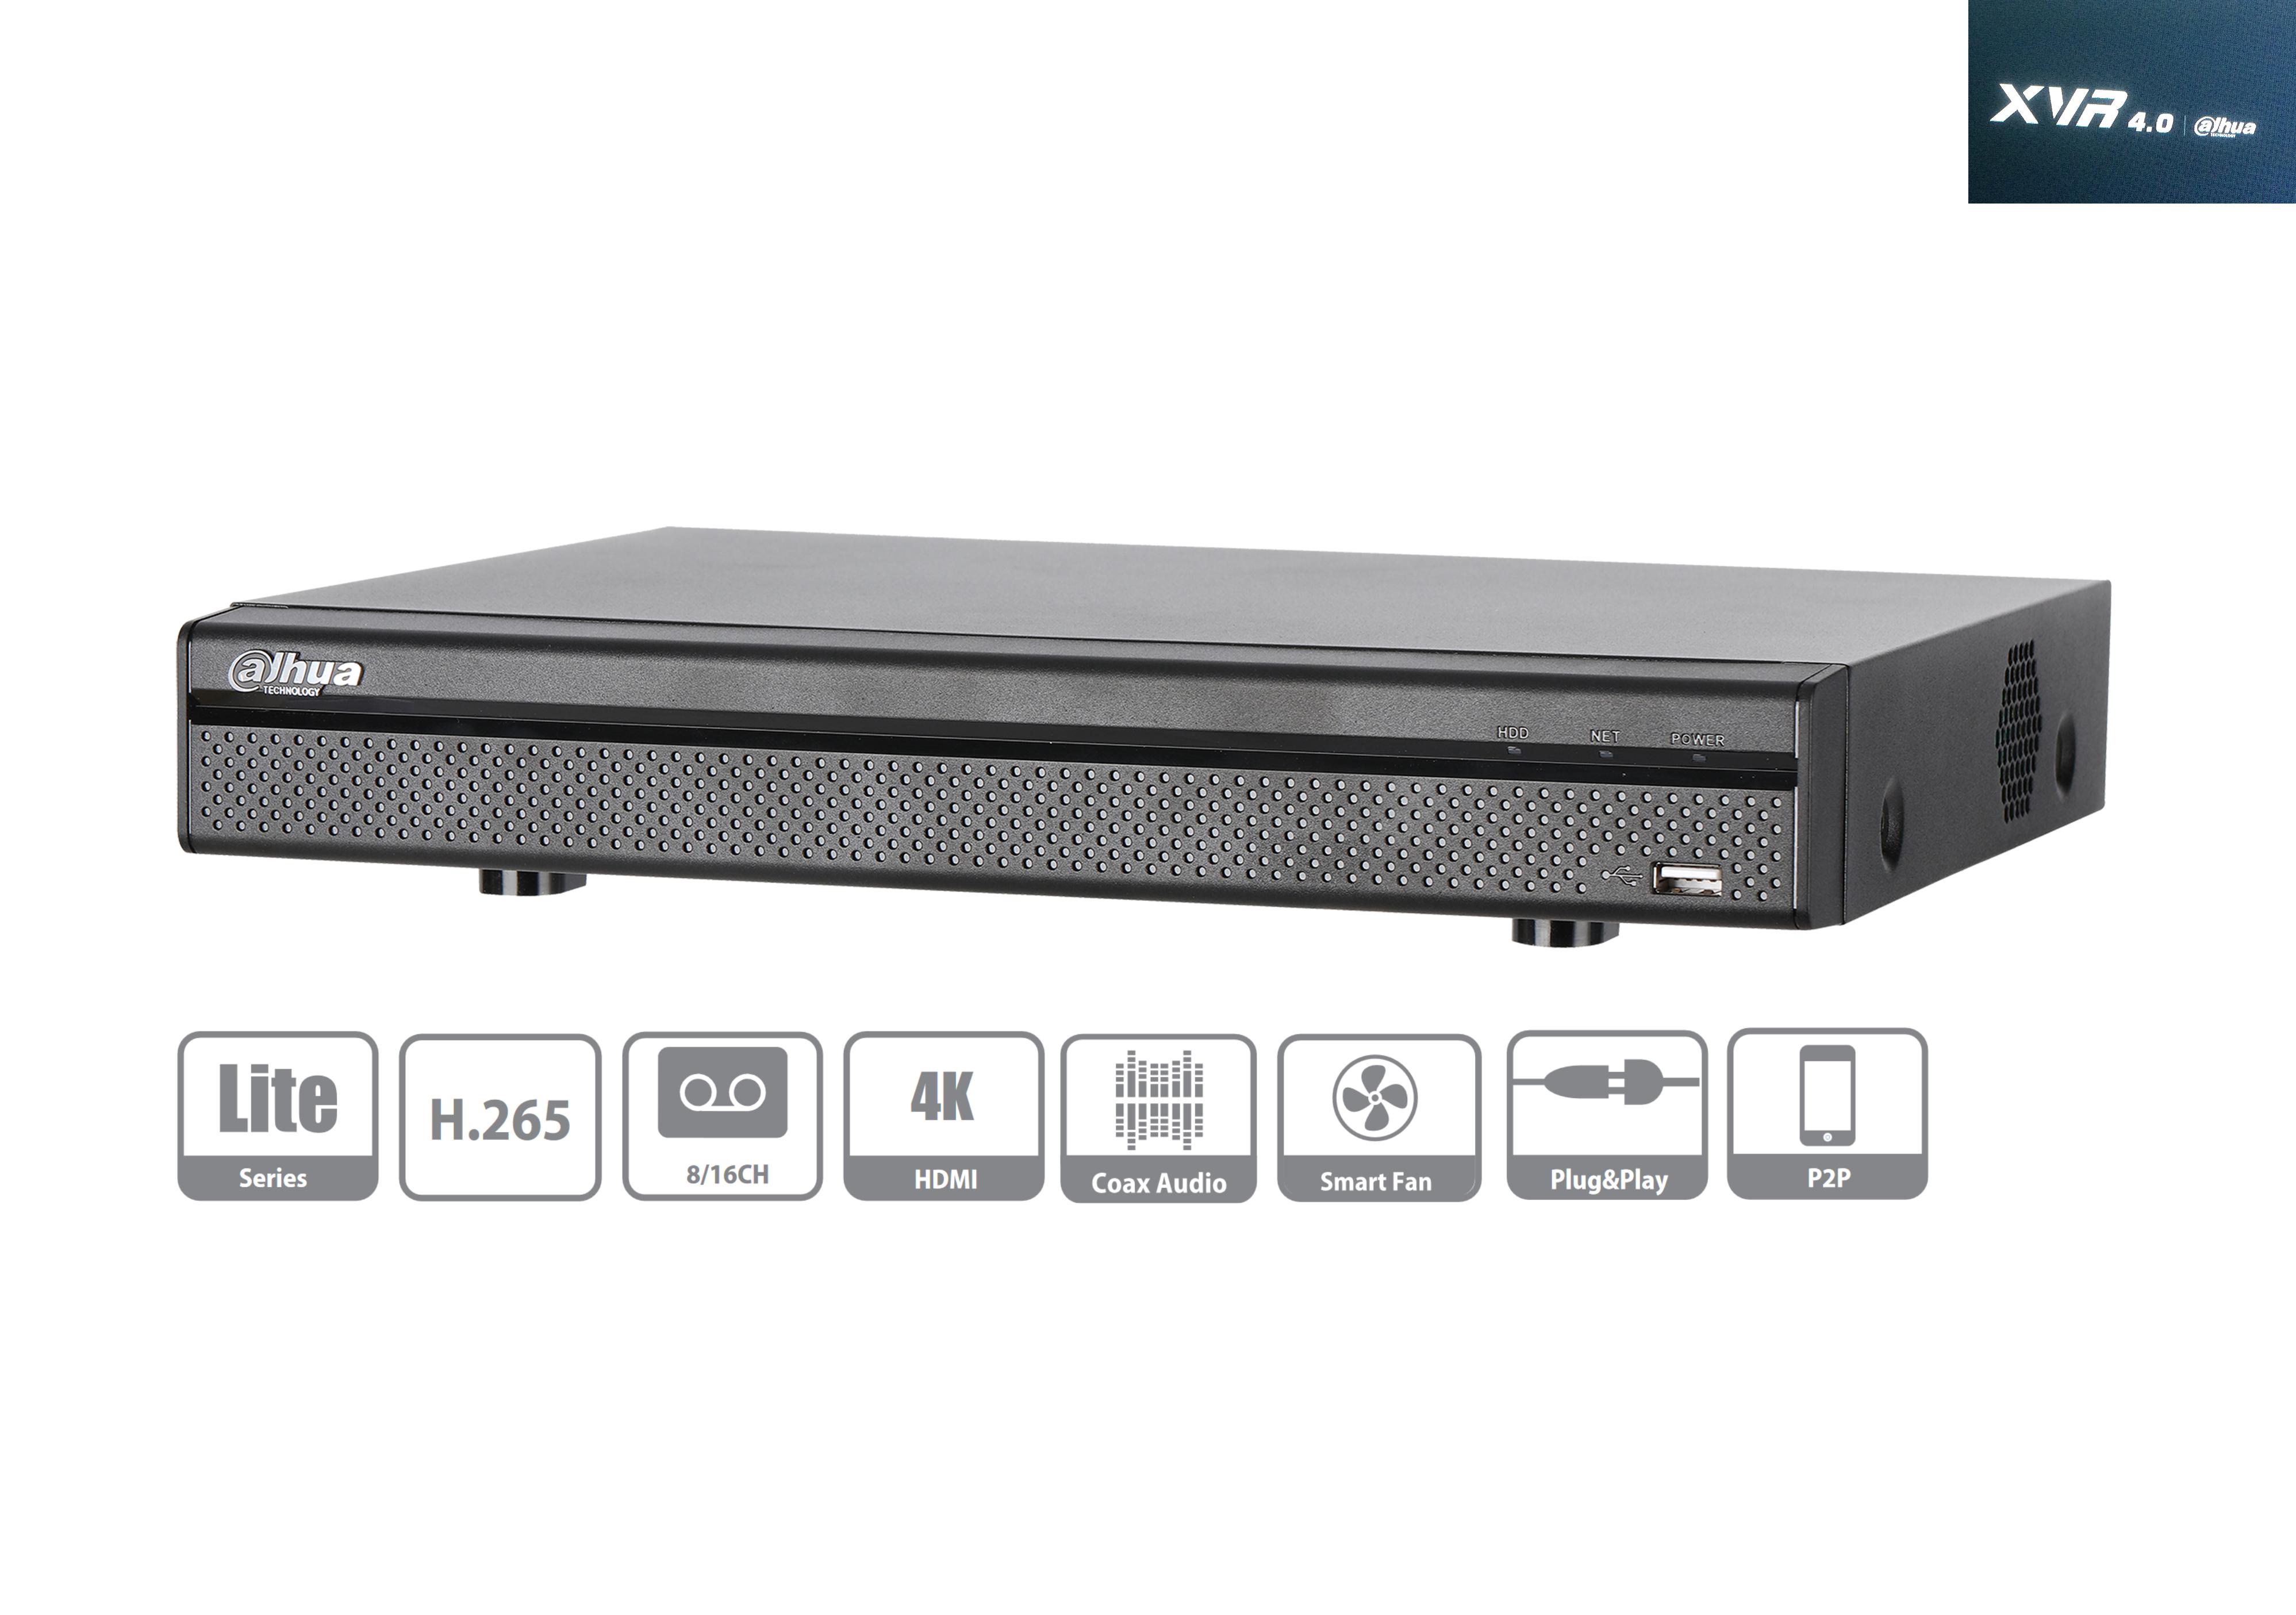 Dahua - XVR5108H-4KL-X - XVR - 8 Kanal | controlex Security